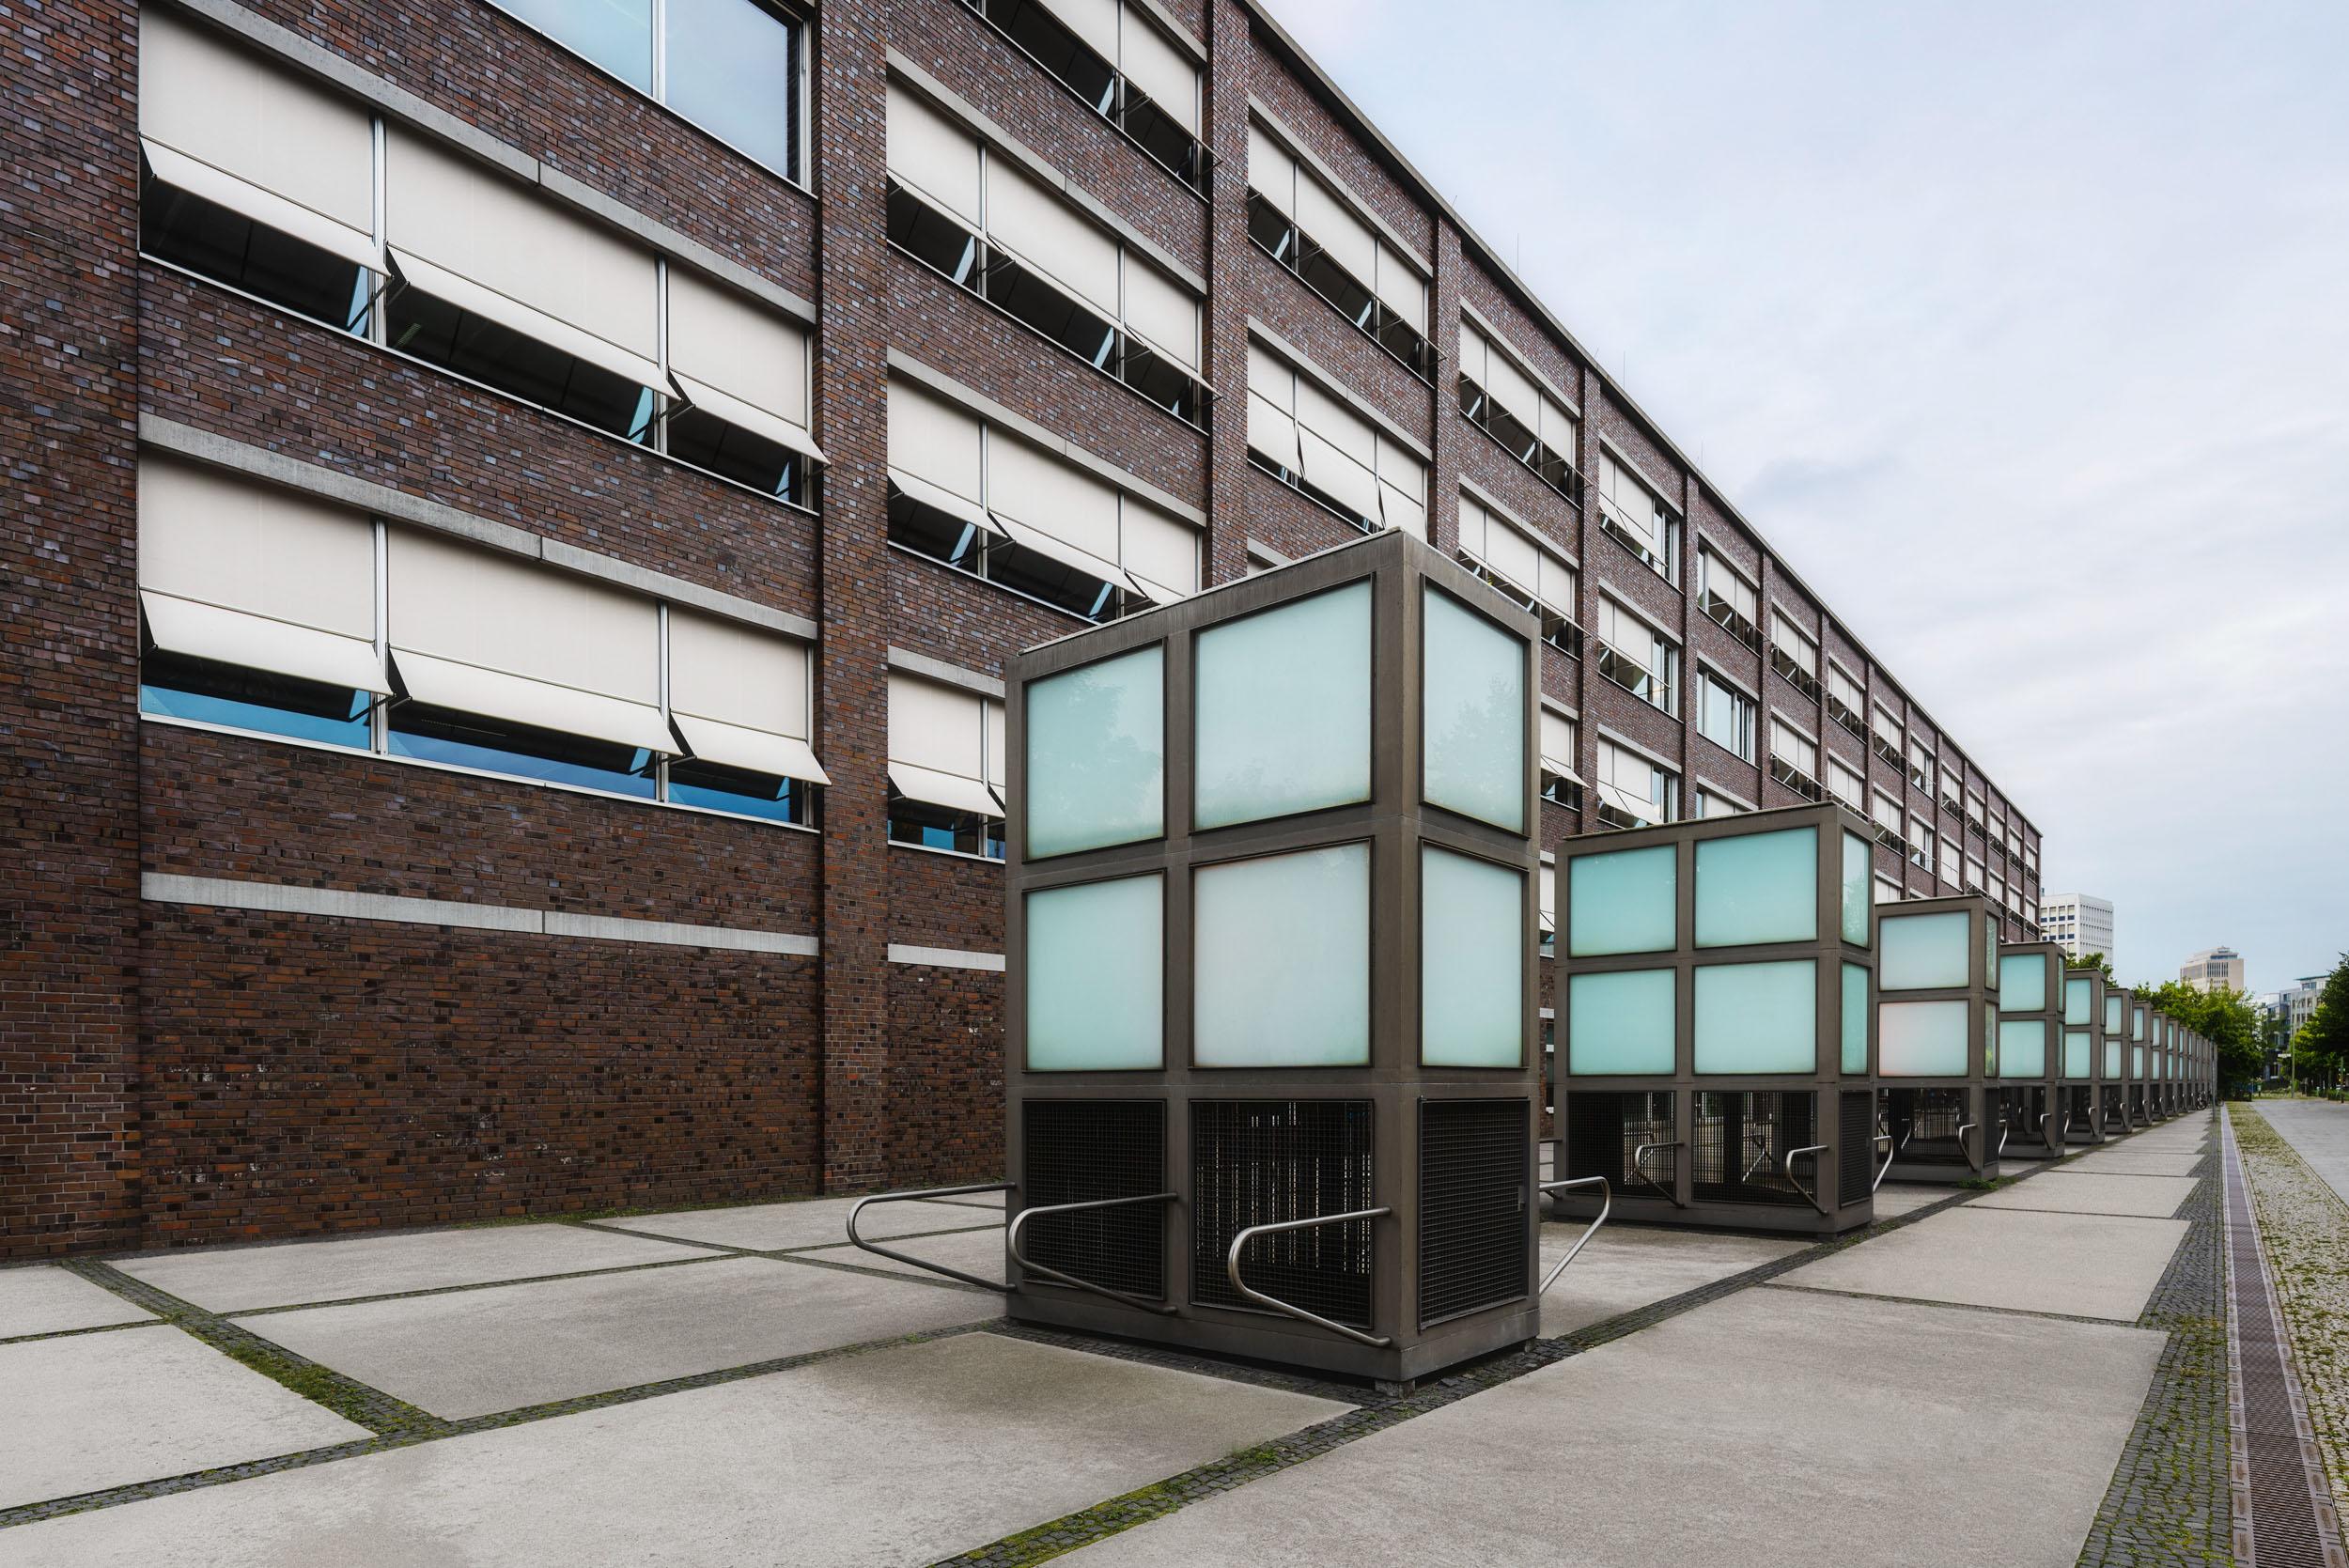 Gustav-Epple-Bauunternehmung-Bibliothek-Technische-Universität-Berlin_MLX6252